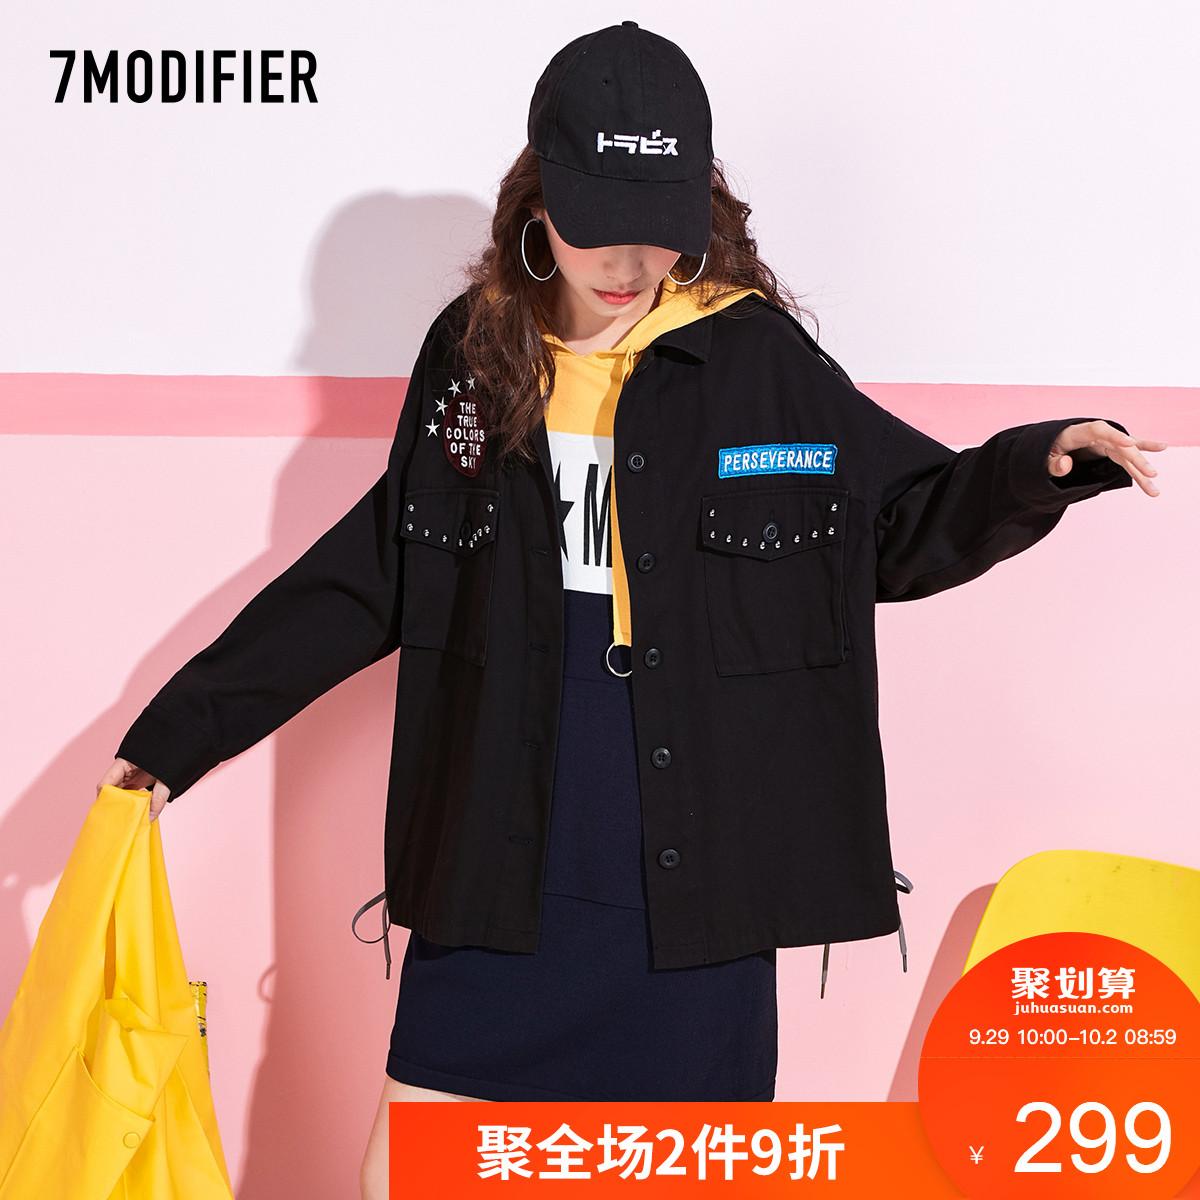 品质韩版风衣